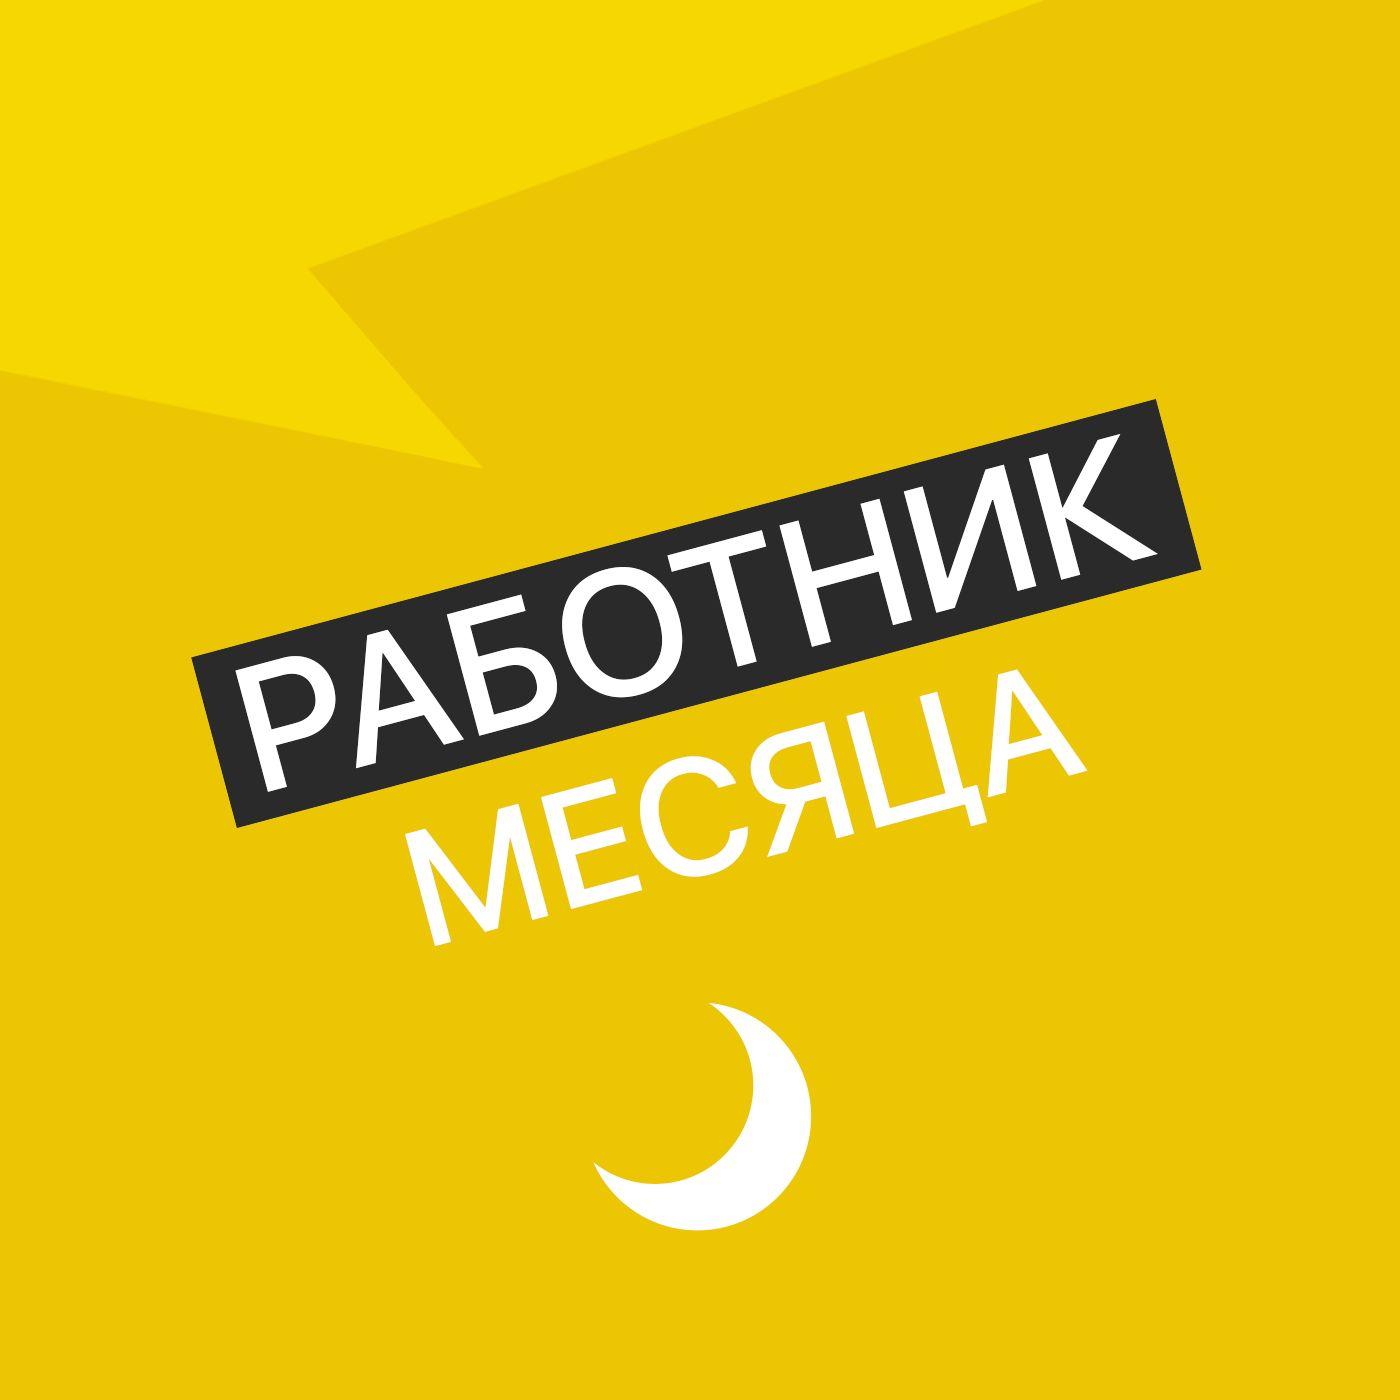 Водитель такси_Творческий коллектив Mojomedia